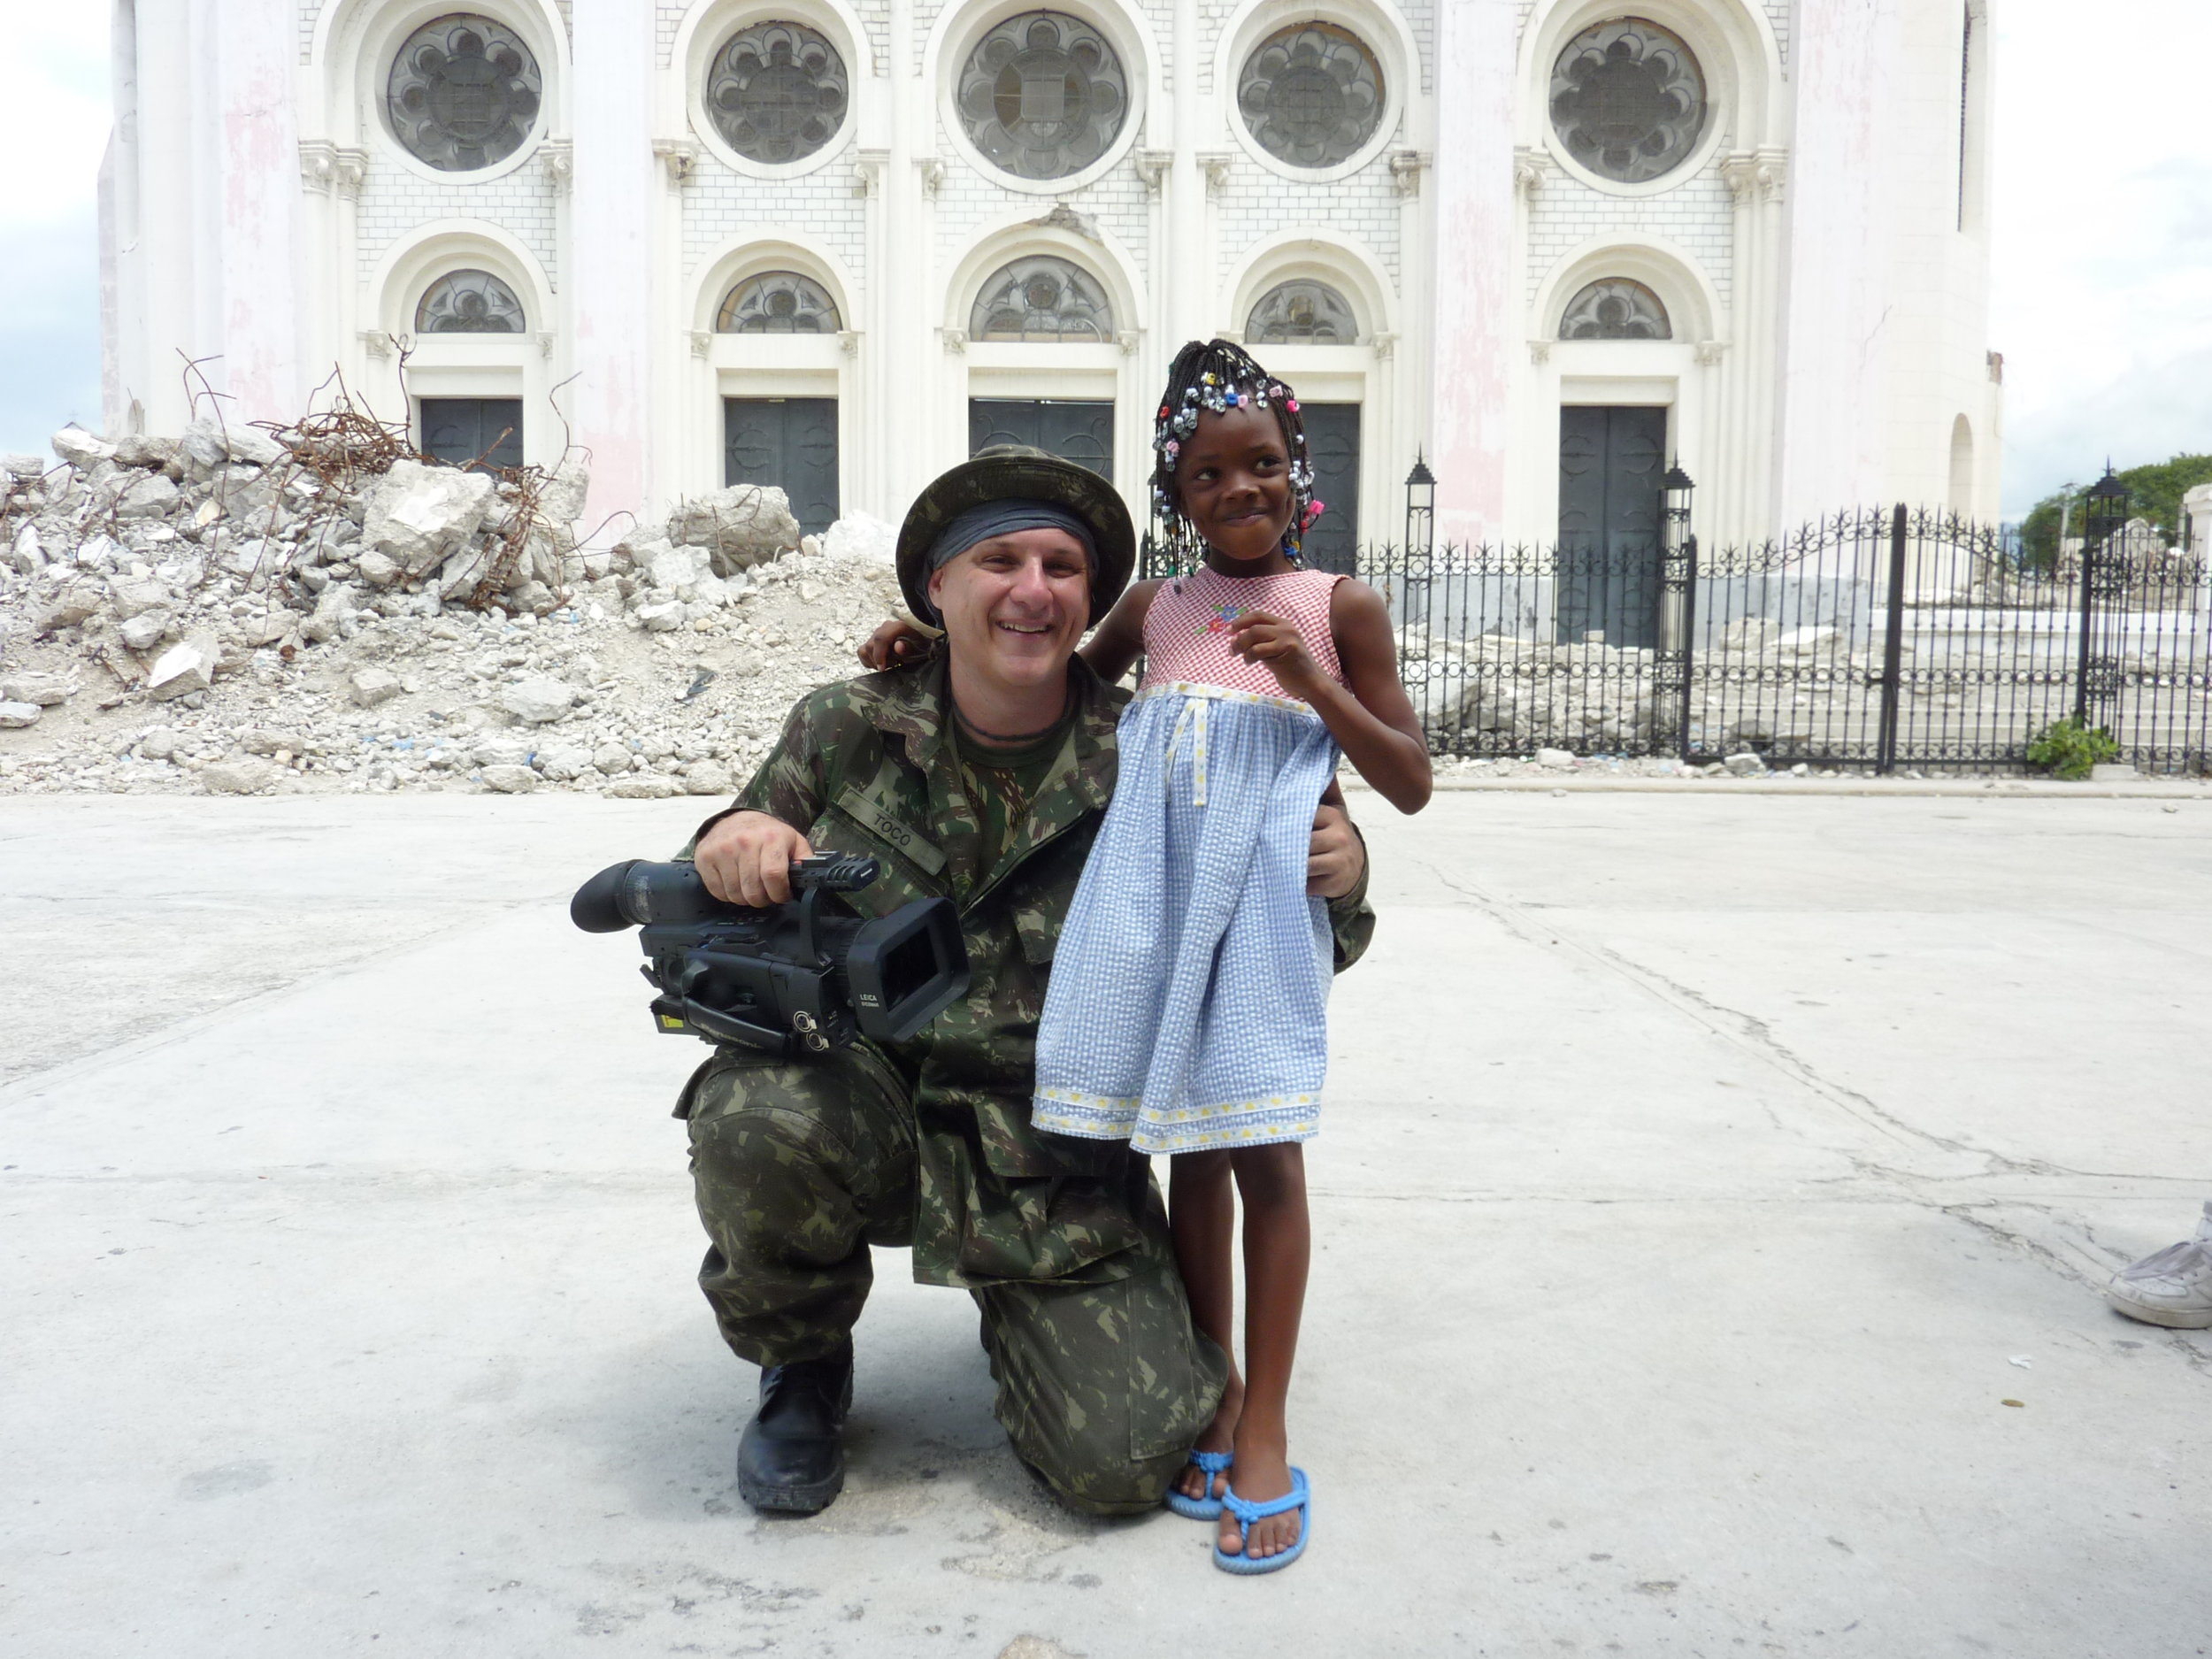 Haiti pós terremoto em 2010. Estou com a personagem de nosso documentário, Melissa. Ao fundo a igreja onde faleceu a Zilda Arns.